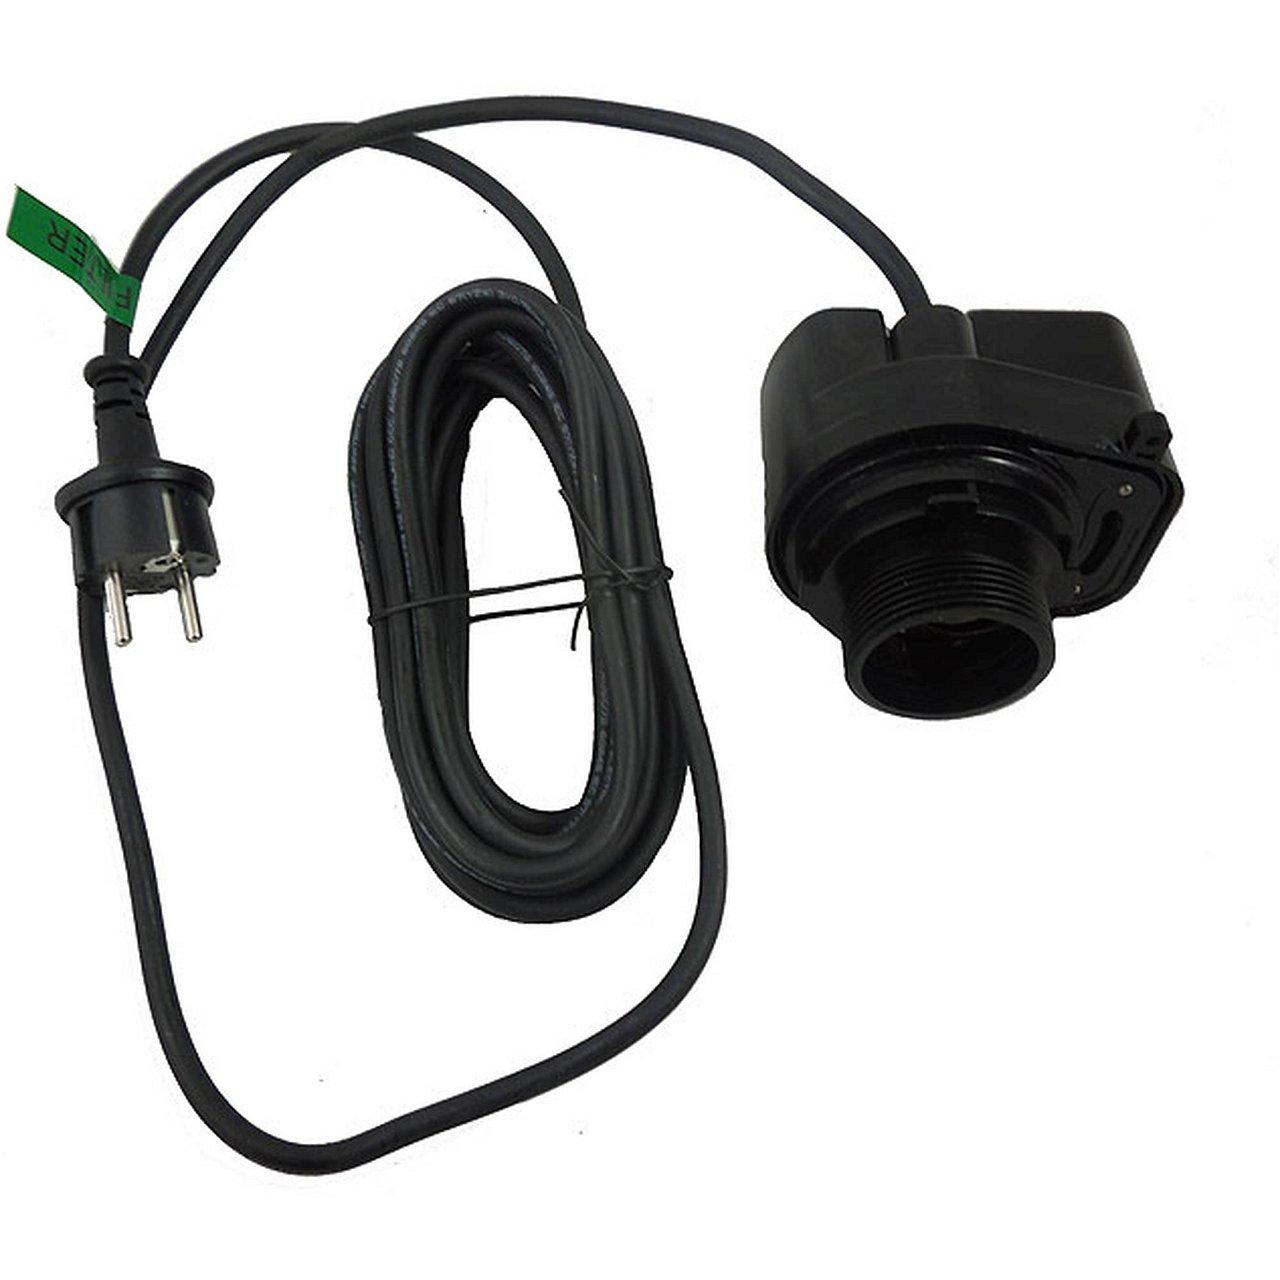 Elektronik vom FPU16000-00 / 18 Watt